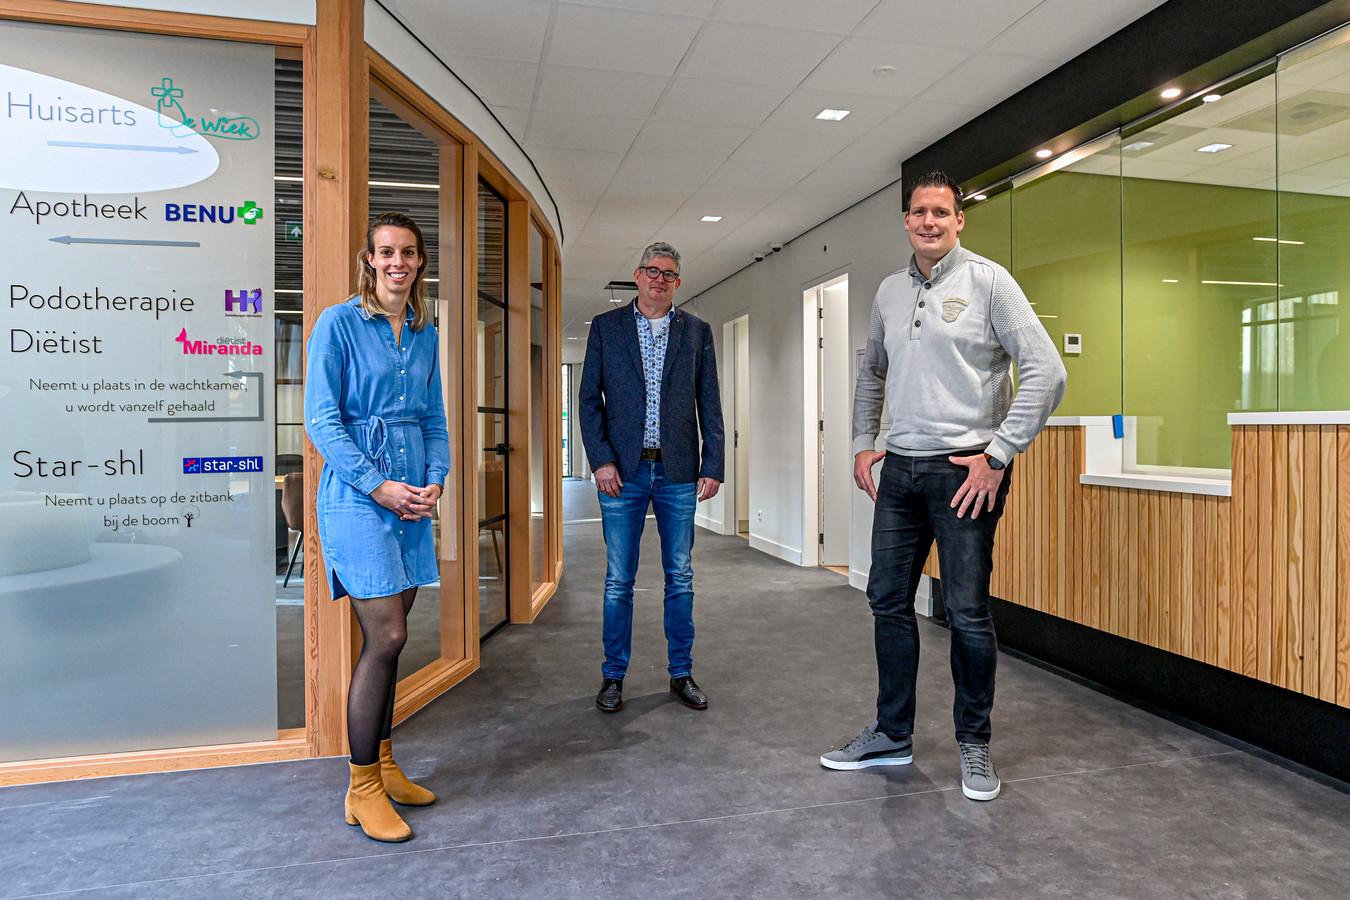 Op 30 november opent in Etten-Leur een nieuw gezondheidscentrum; De Wiek. Verschillende huisartsen verhuizen daar naar toe. (Foto: vnlr Sabina van Waes, Maarten Stammers en Sebastiaan Haze)